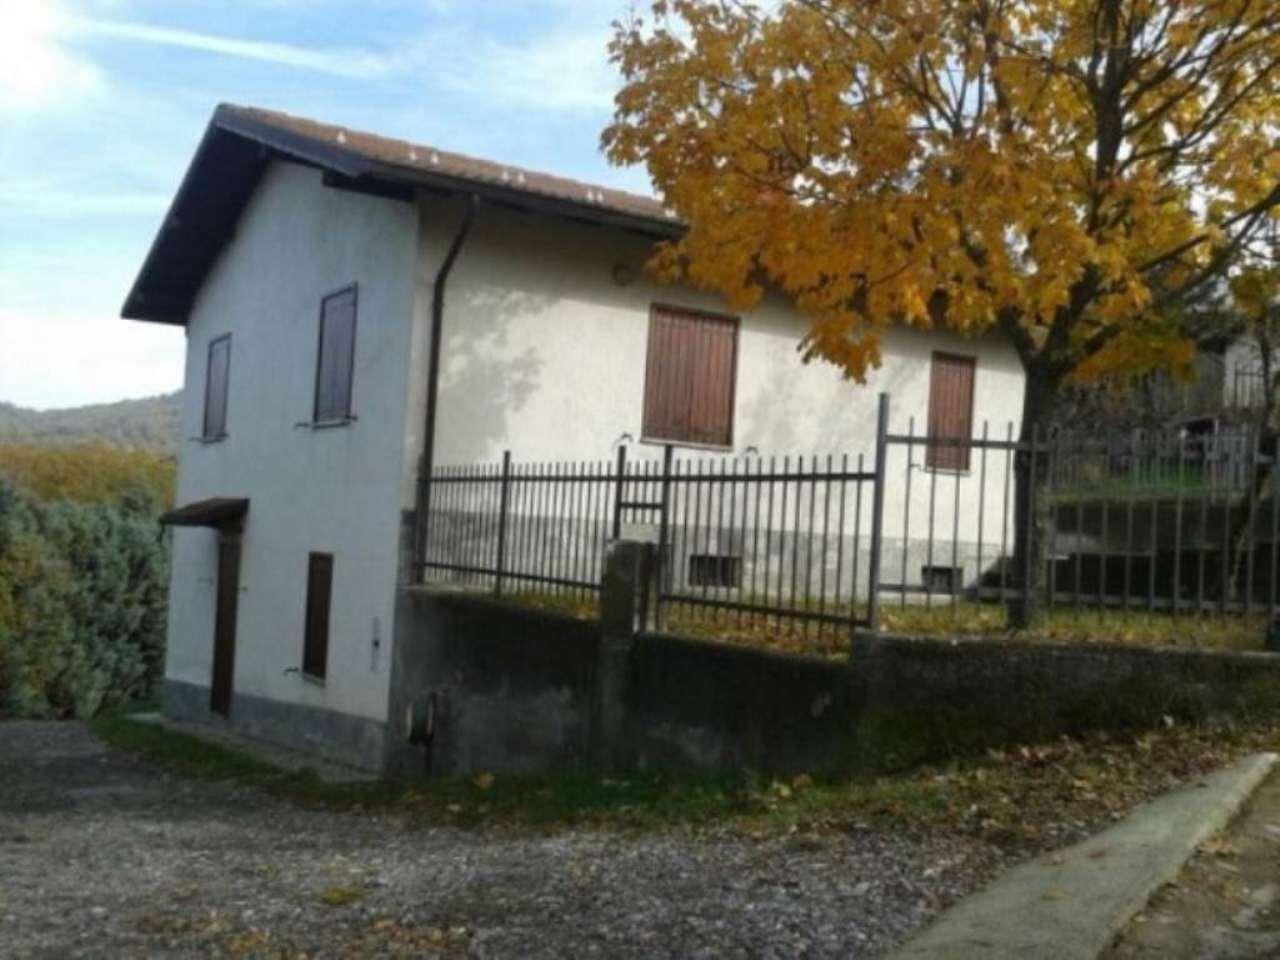 Villa in vendita a Cantalupo Ligure, 6 locali, prezzo € 180.000 | PortaleAgenzieImmobiliari.it